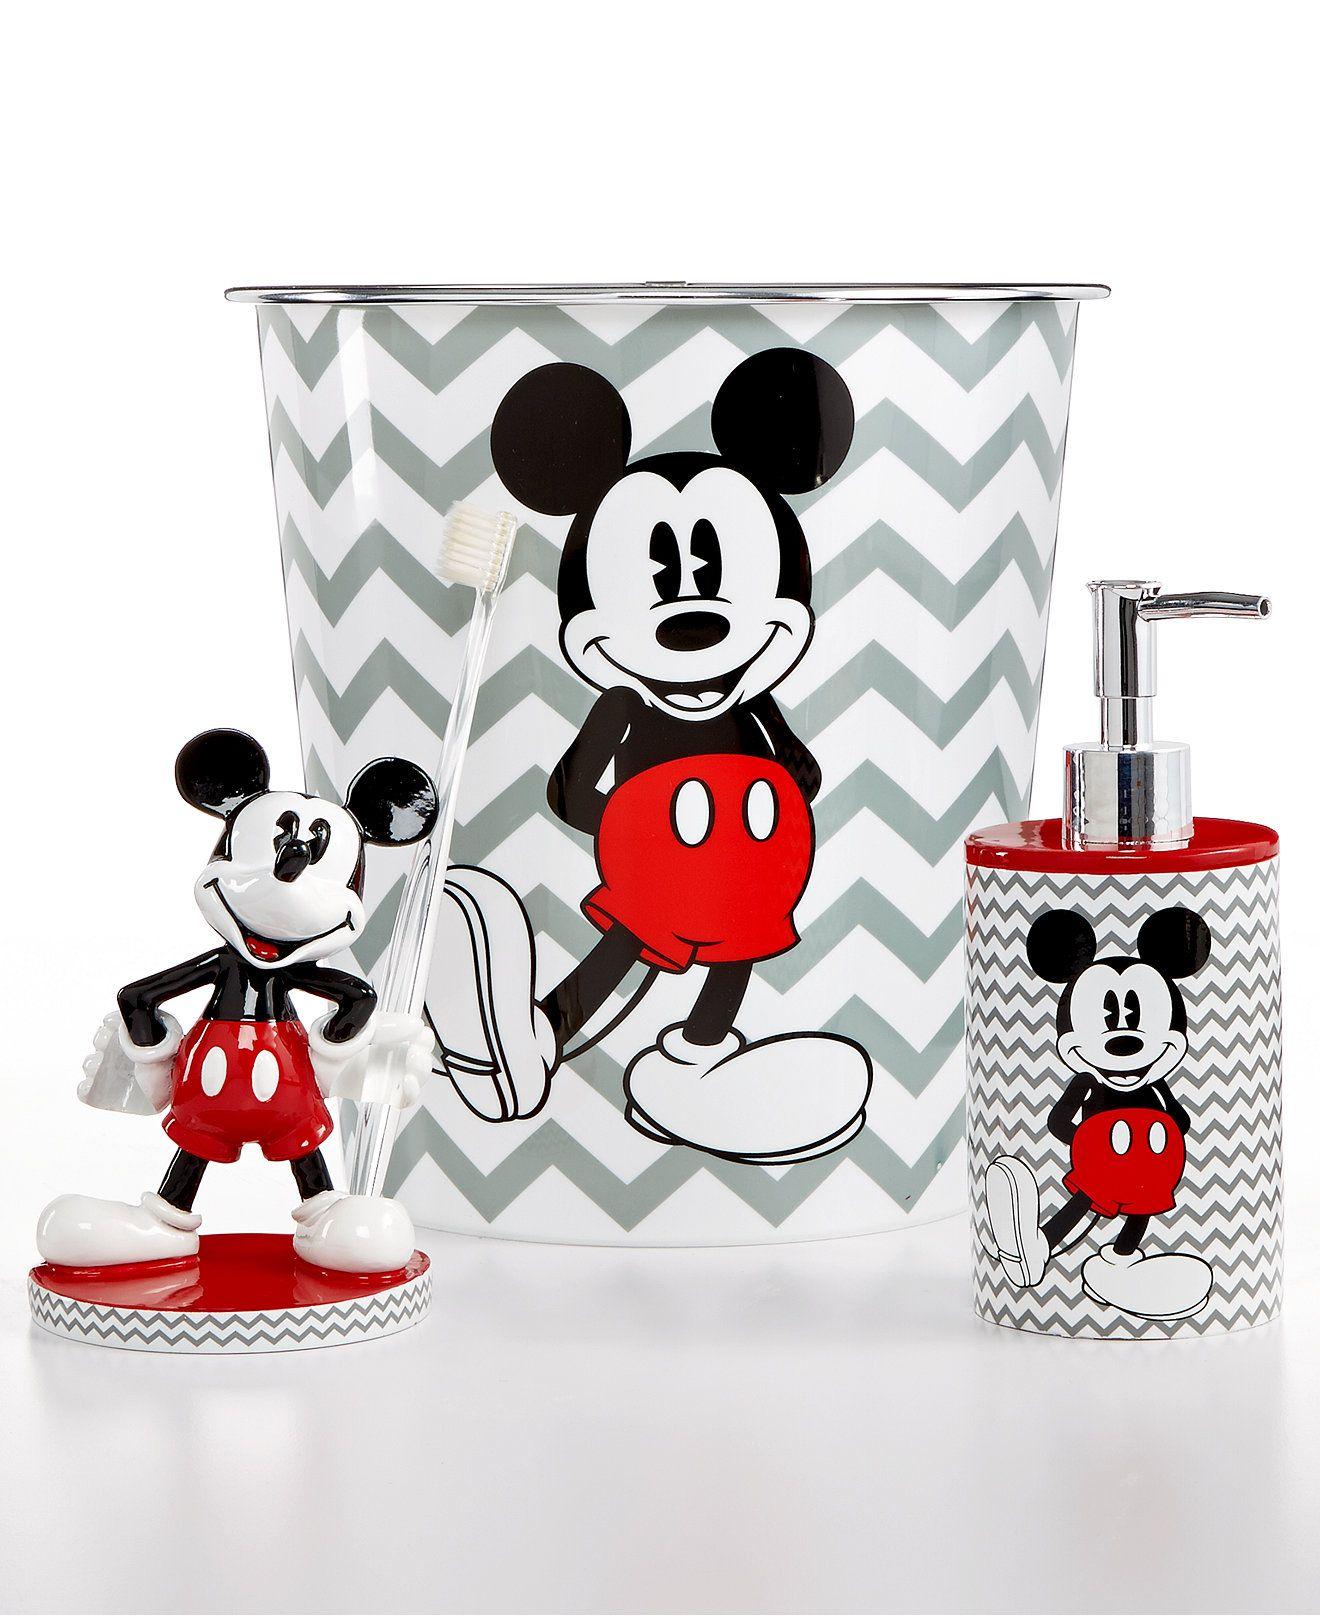 New Mickey Chevron Bath Accessories